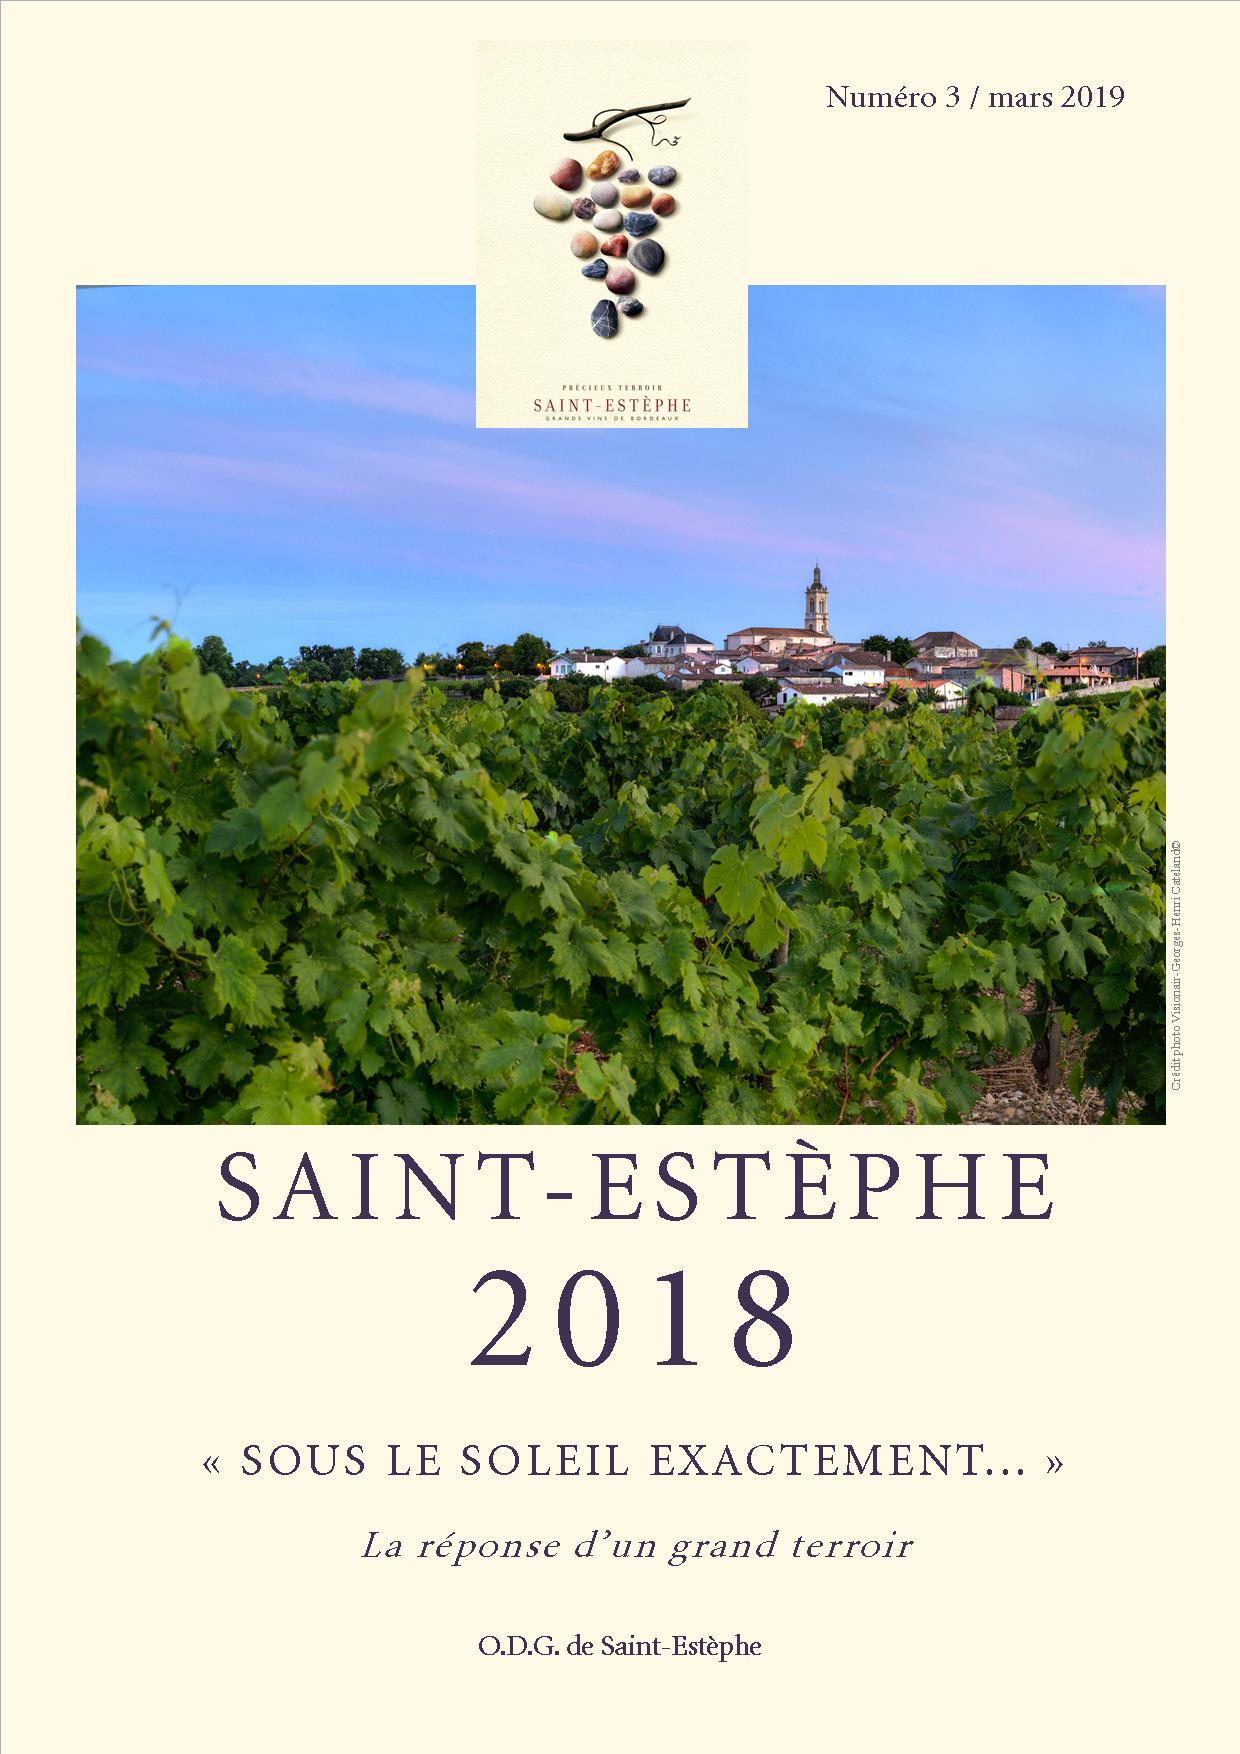 Carnet vendanges 2018 Saint-Estèphe